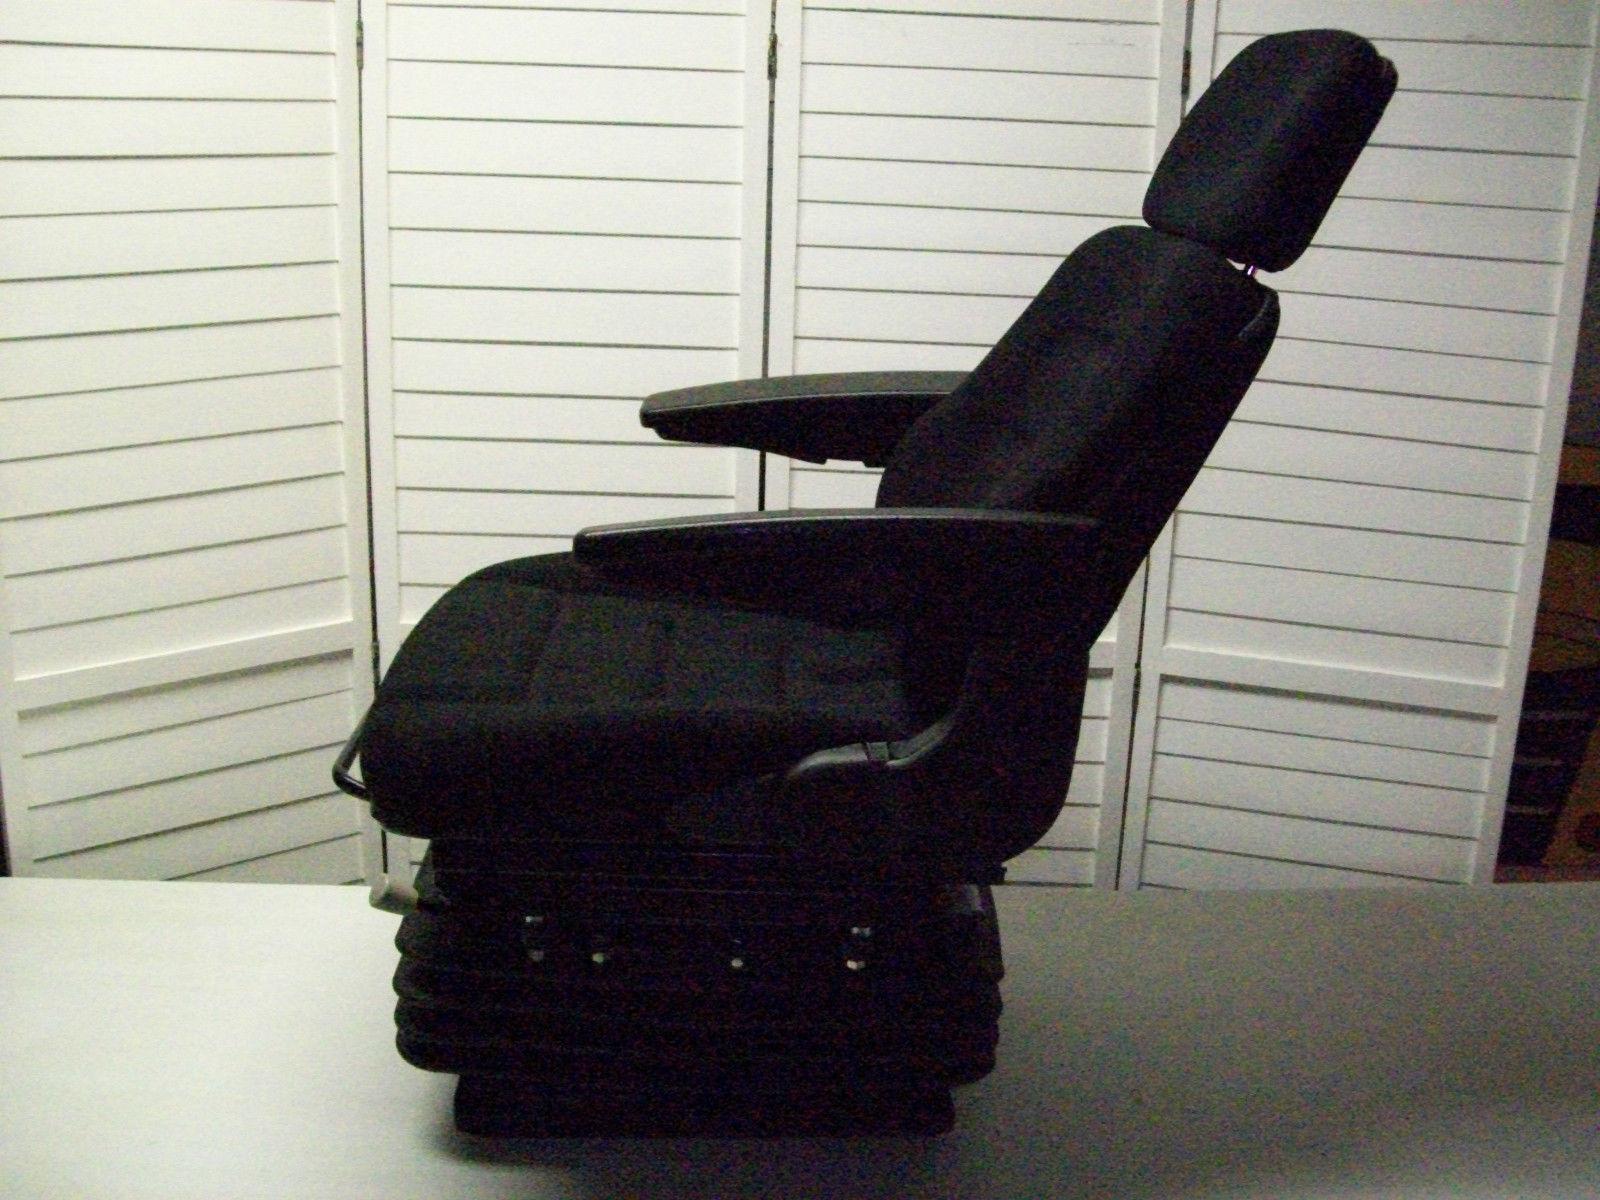 Suspension Swivel Seat Excavator Forklift Wheel Loader